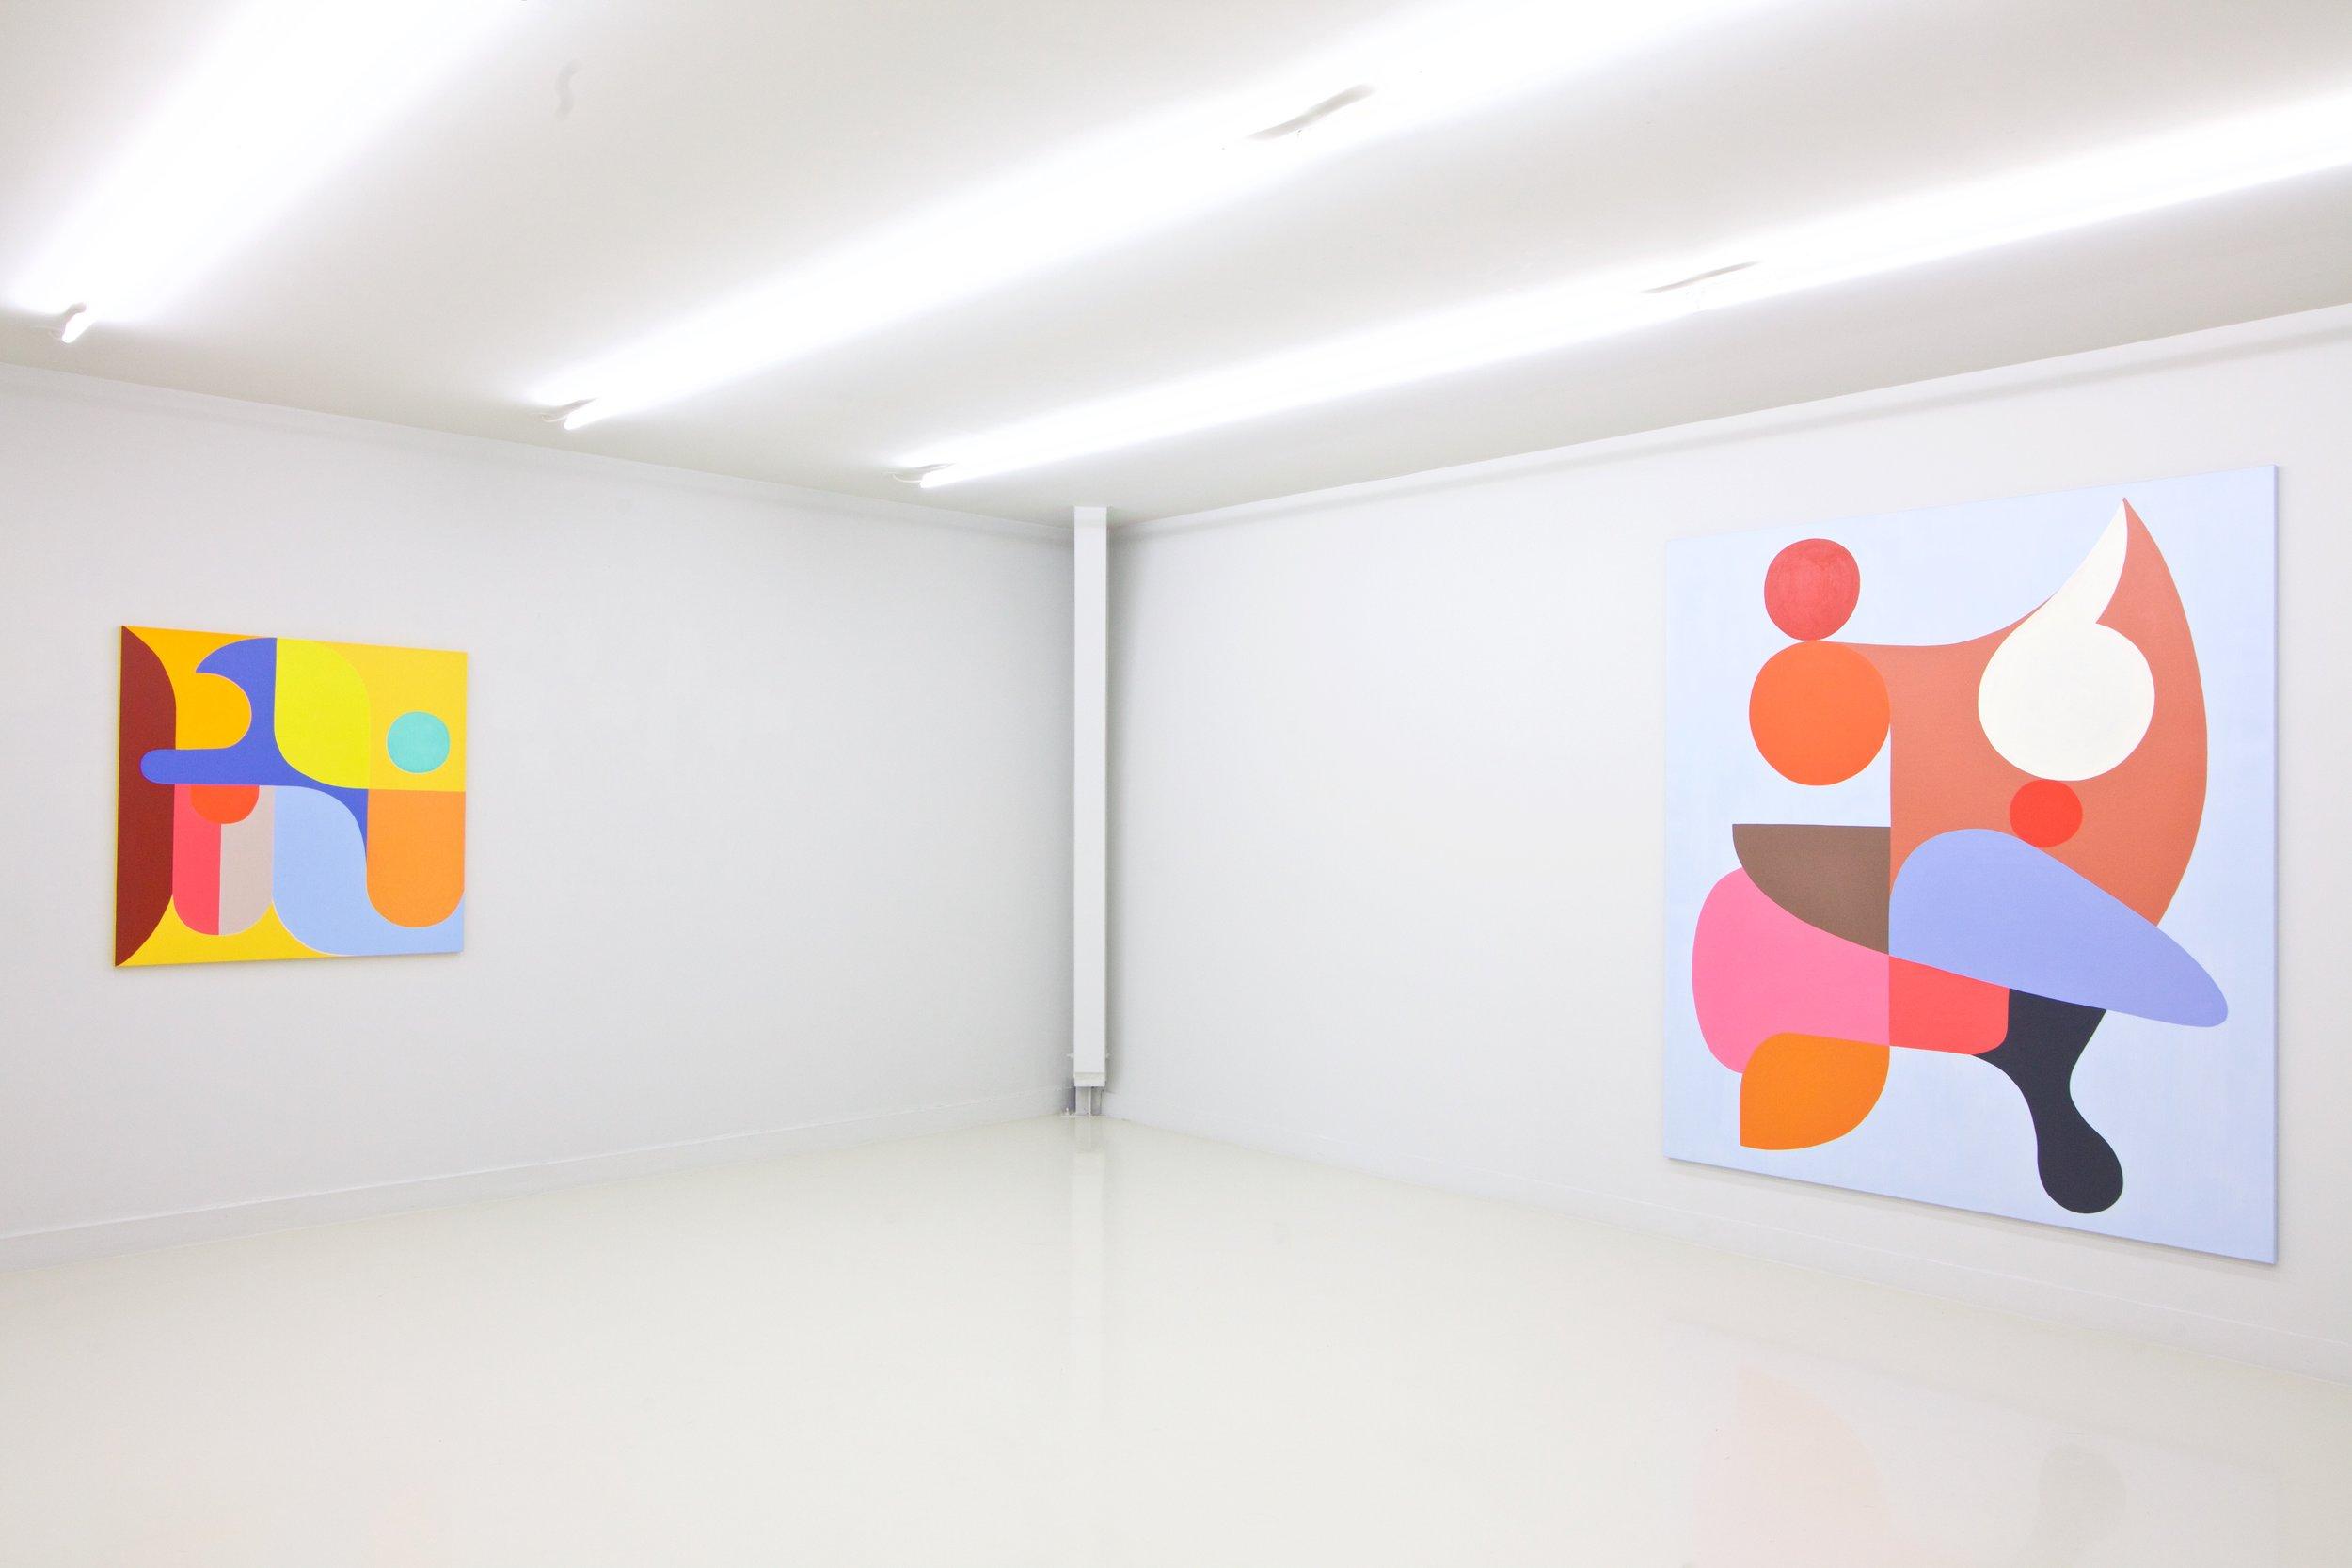 Galerie_Bessieres_05_2019_MG_5952 22.jpg